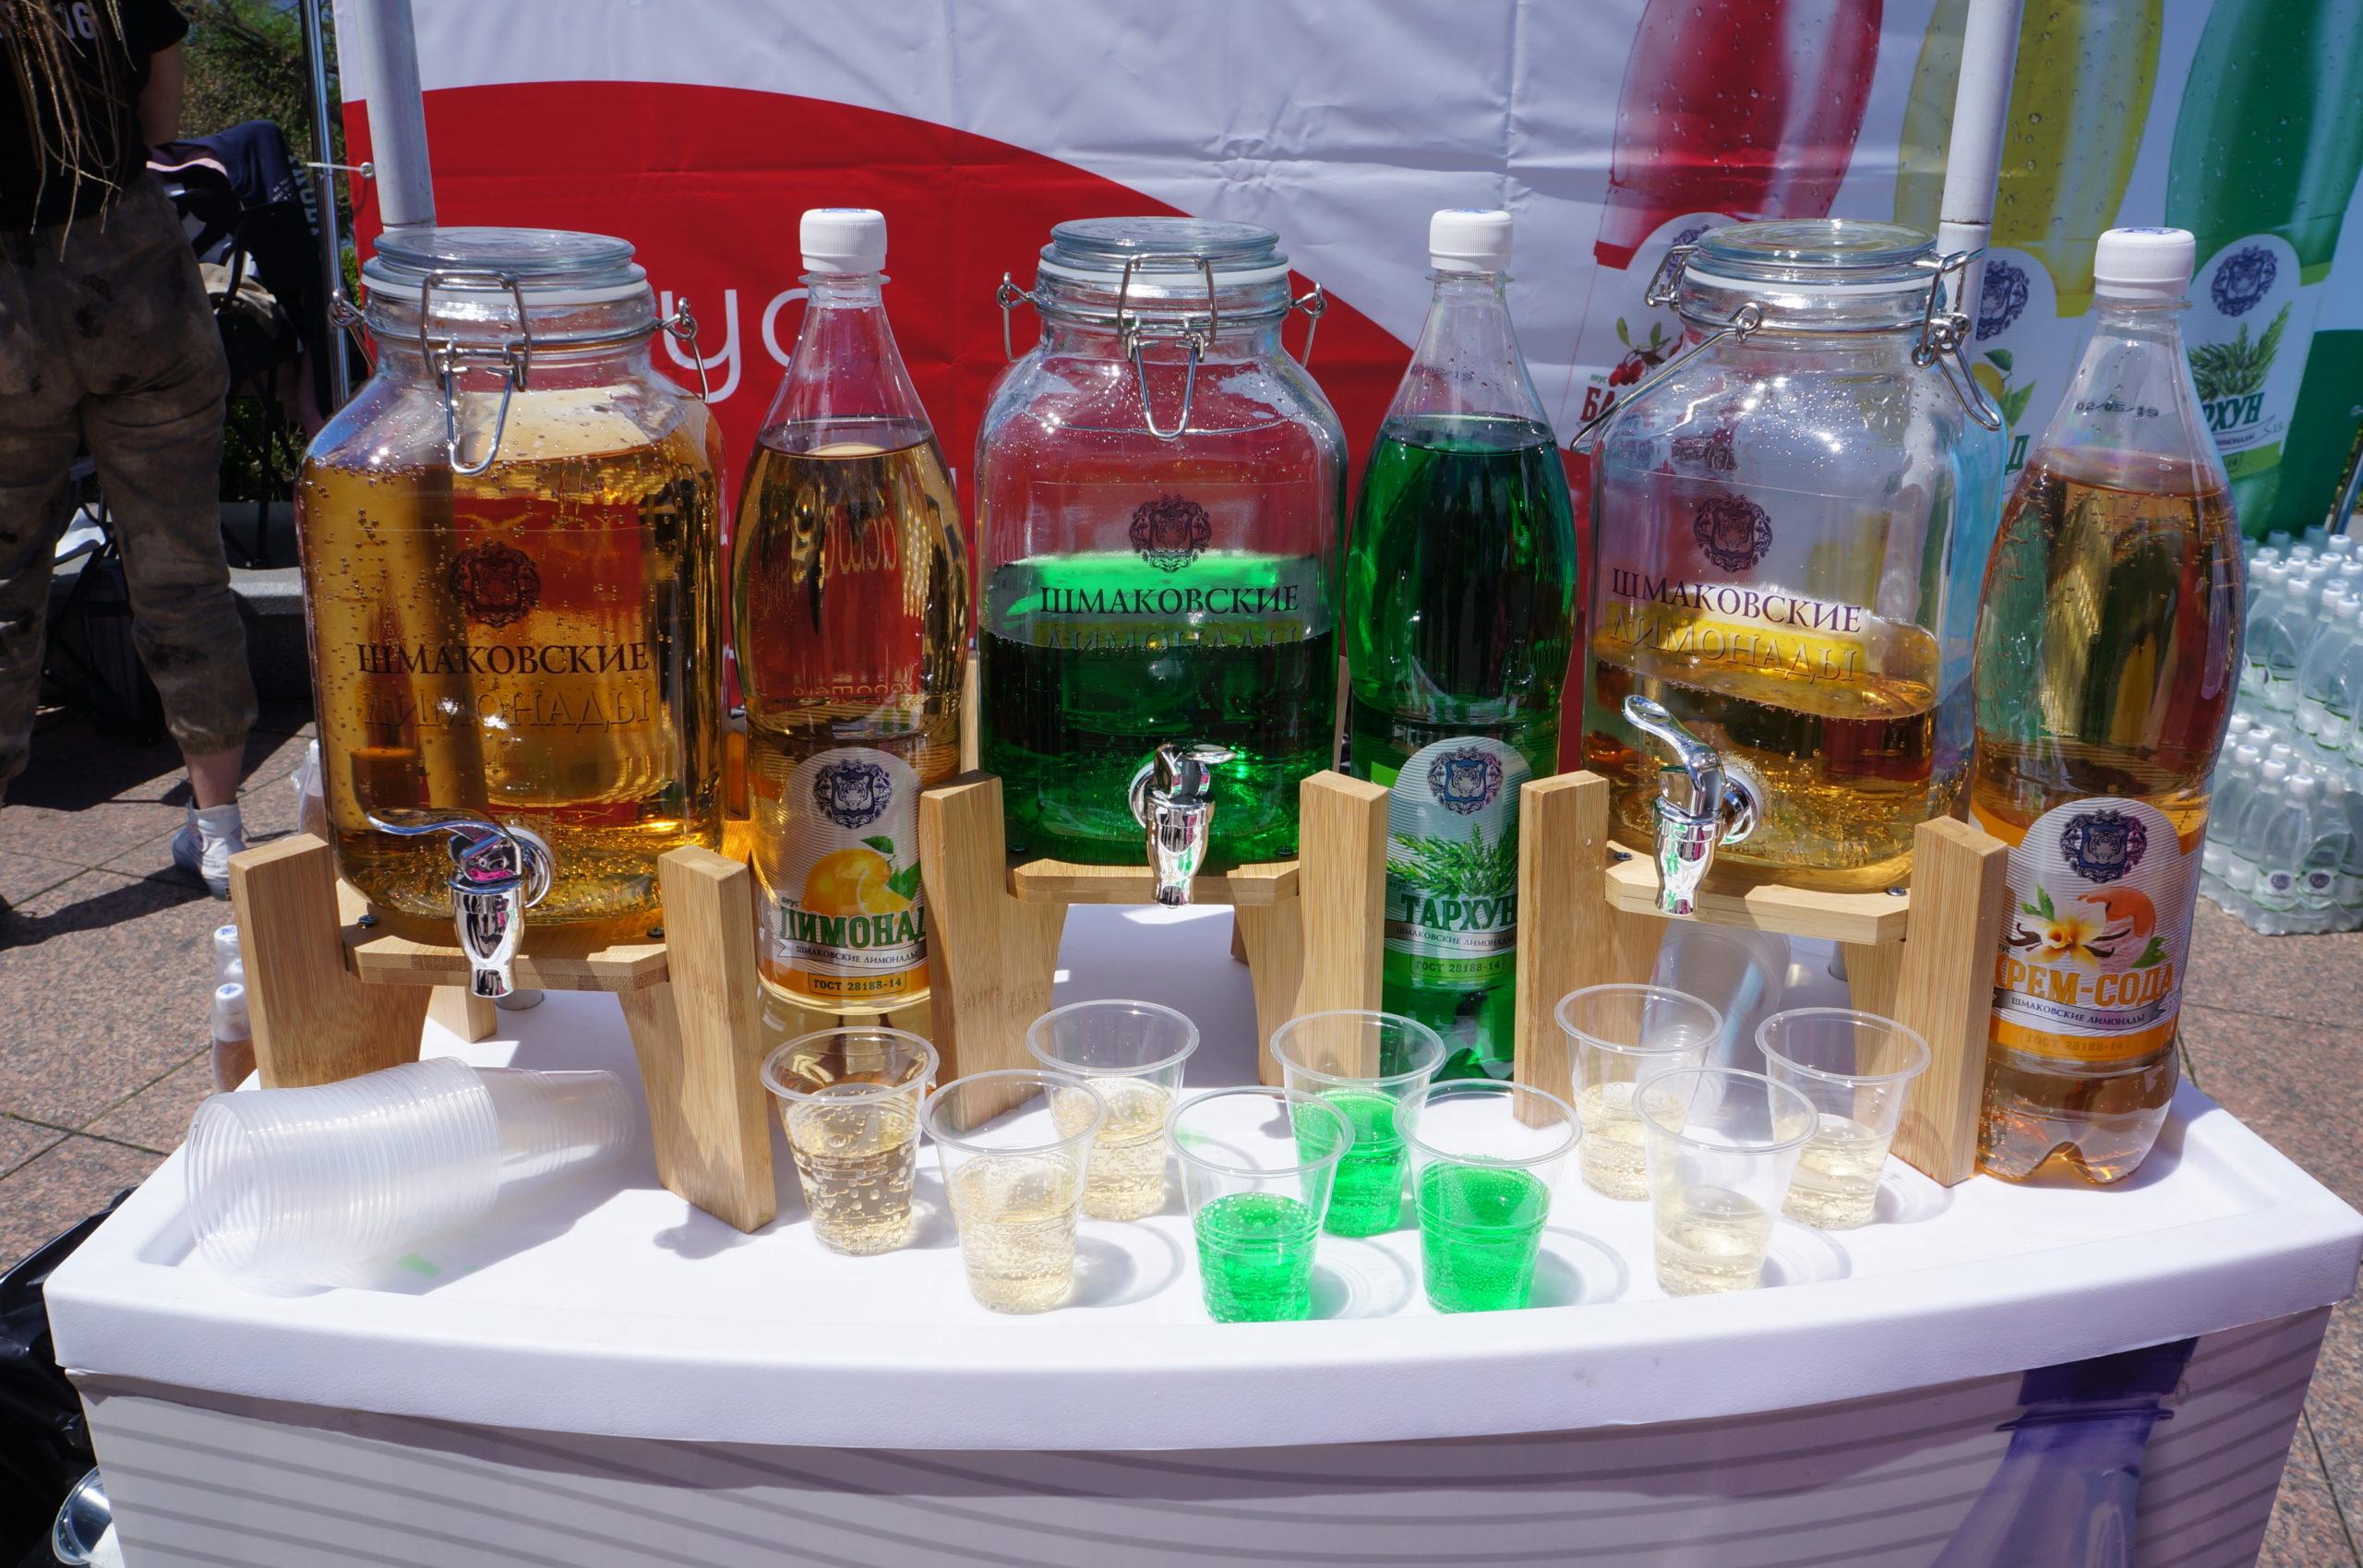 什马科夫弗斯卡亚碳酸水的味道:龙蒿汽水、柠檬水、奶油苏打水